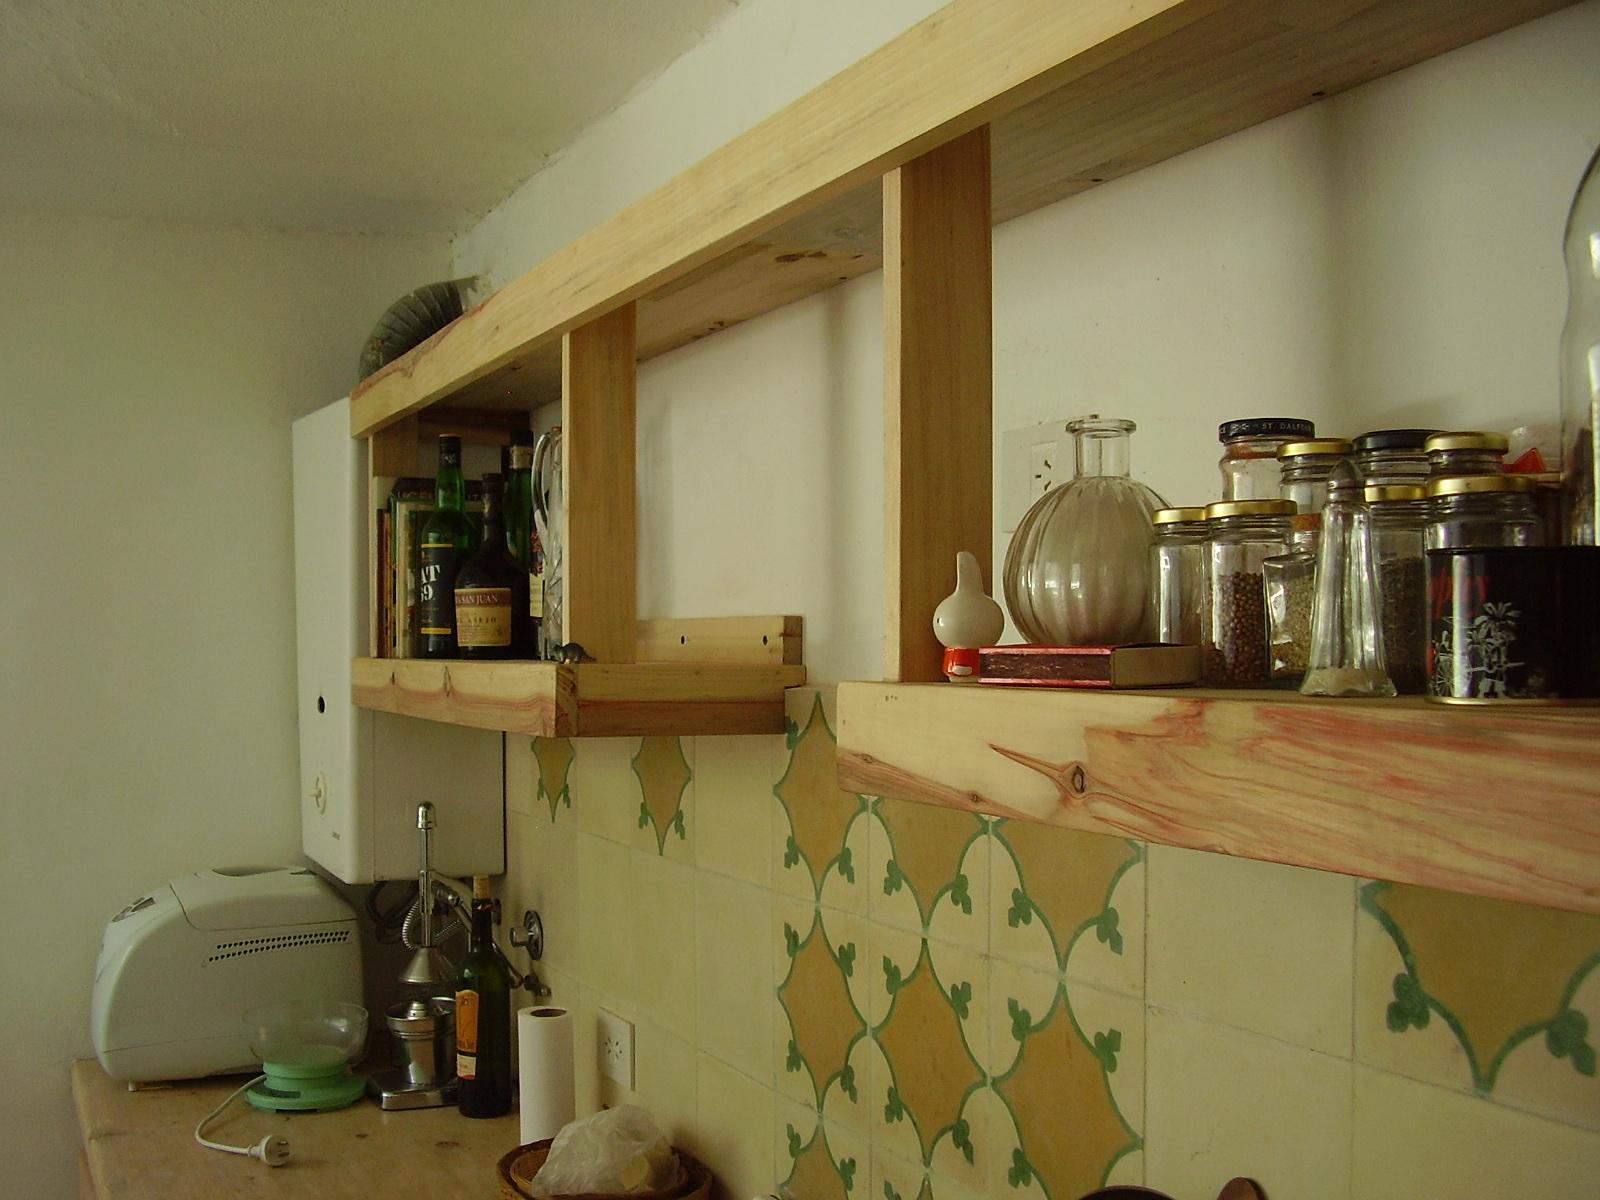 Muebles sensibles en madera estanteria de cocina en - Estanterias de cocina ...